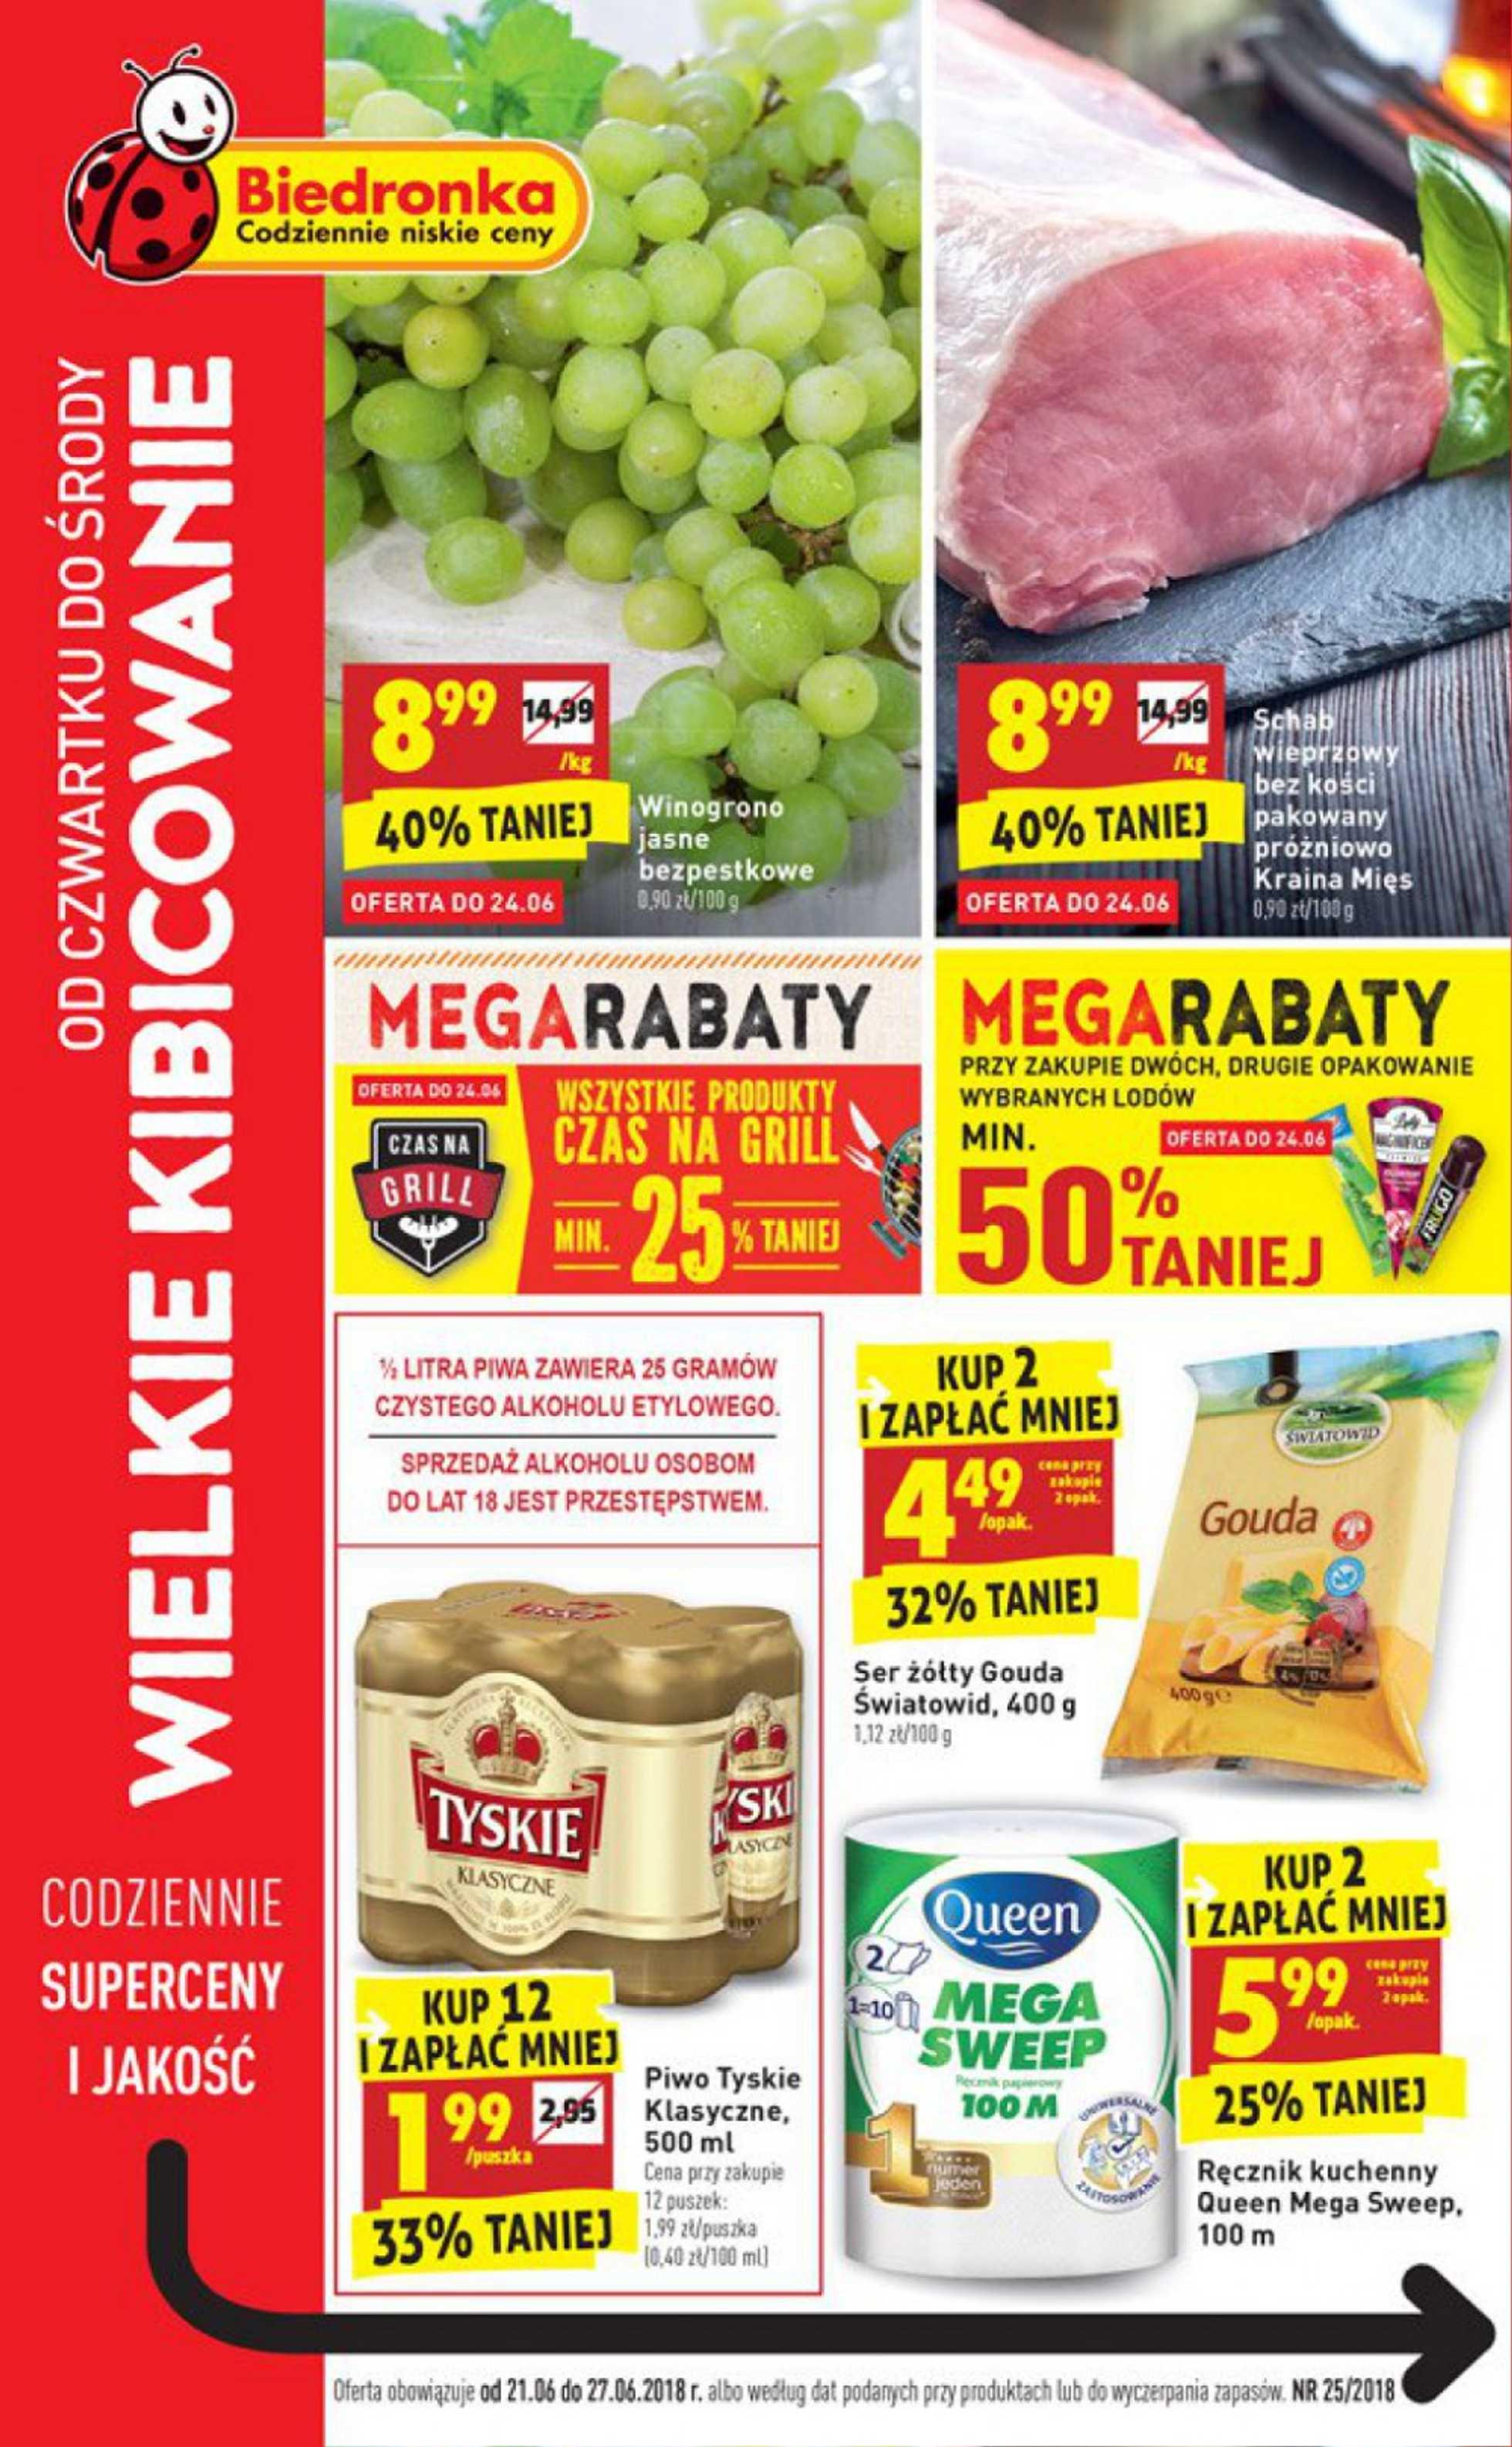 Biedronka - gazetka promocyjna ważna od 21.06.2018 do 27.06.2018 - strona 1.